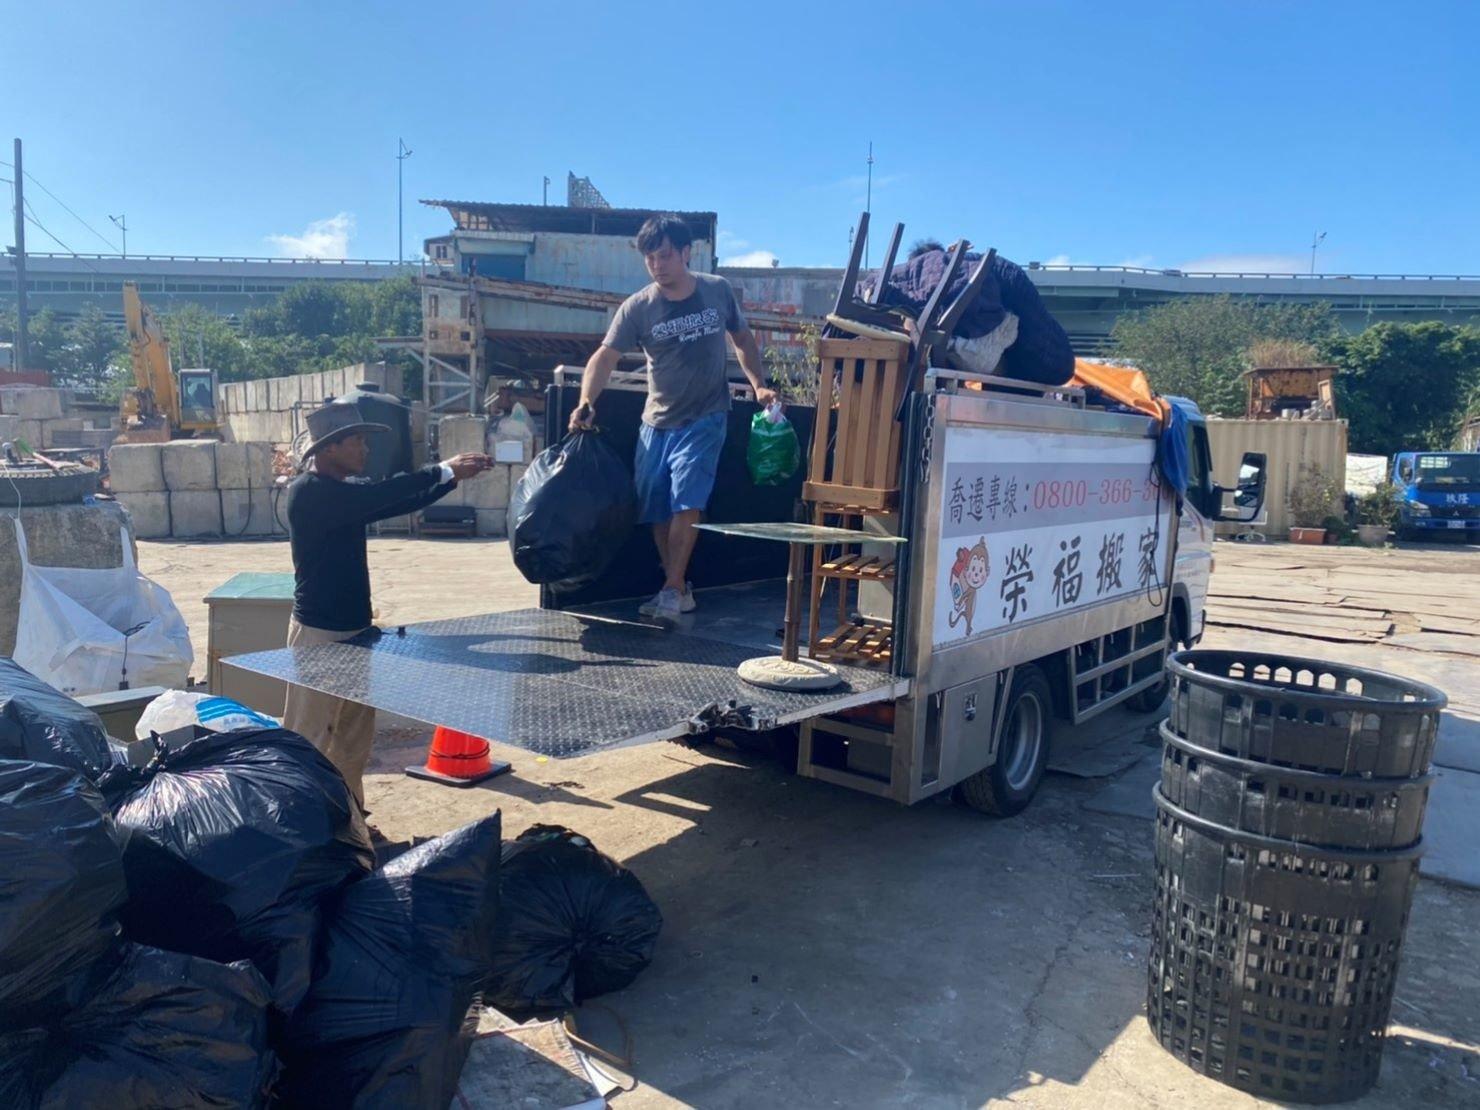 搬家推薦【榮福搬家】搬家口碑第一、台北搬家、新北搬家:【廢棄物處理清運、家庭家具垃圾處理】榮福搬家有提供人力搬運此項服務外,也有將顧客家中所有廢棄物全部清運之服務,我們有配合的廢棄物處理單位可將您不要的家具物件全部載走並處理乾淨。